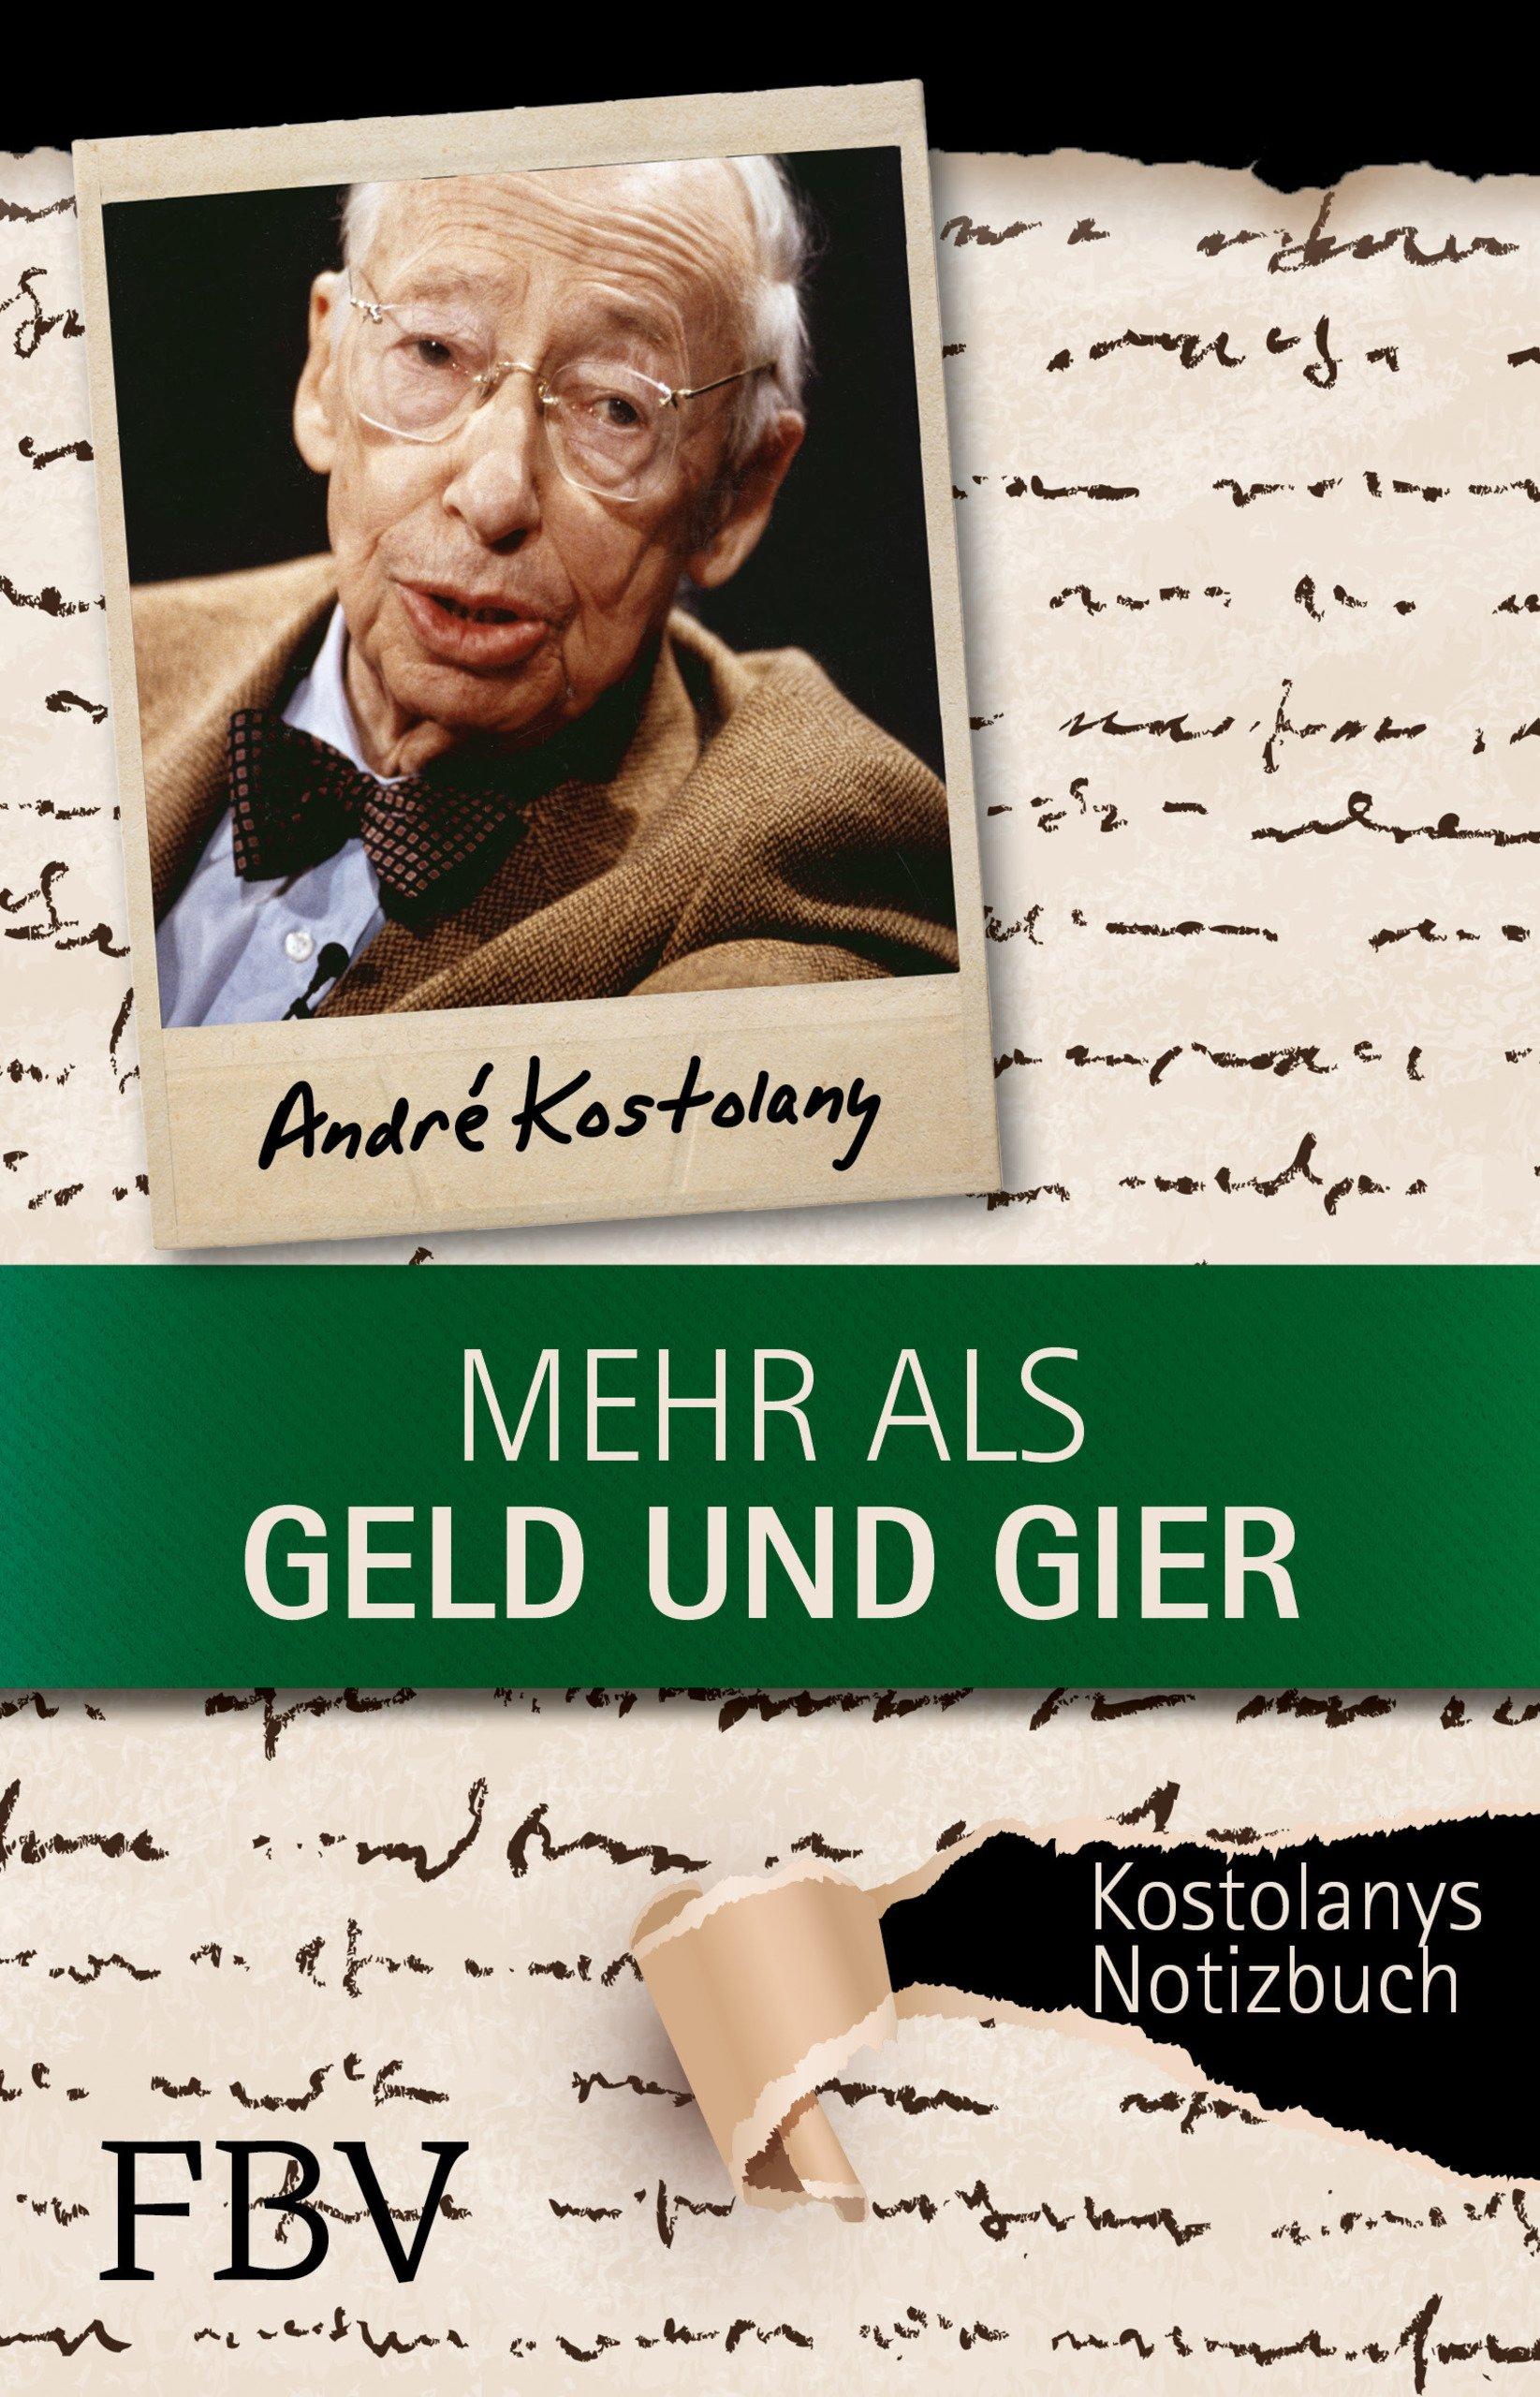 Mehr als Geld und Gier: Kostolanys Notizbuch - Kostolany, André -  Amazon.de: Bücher